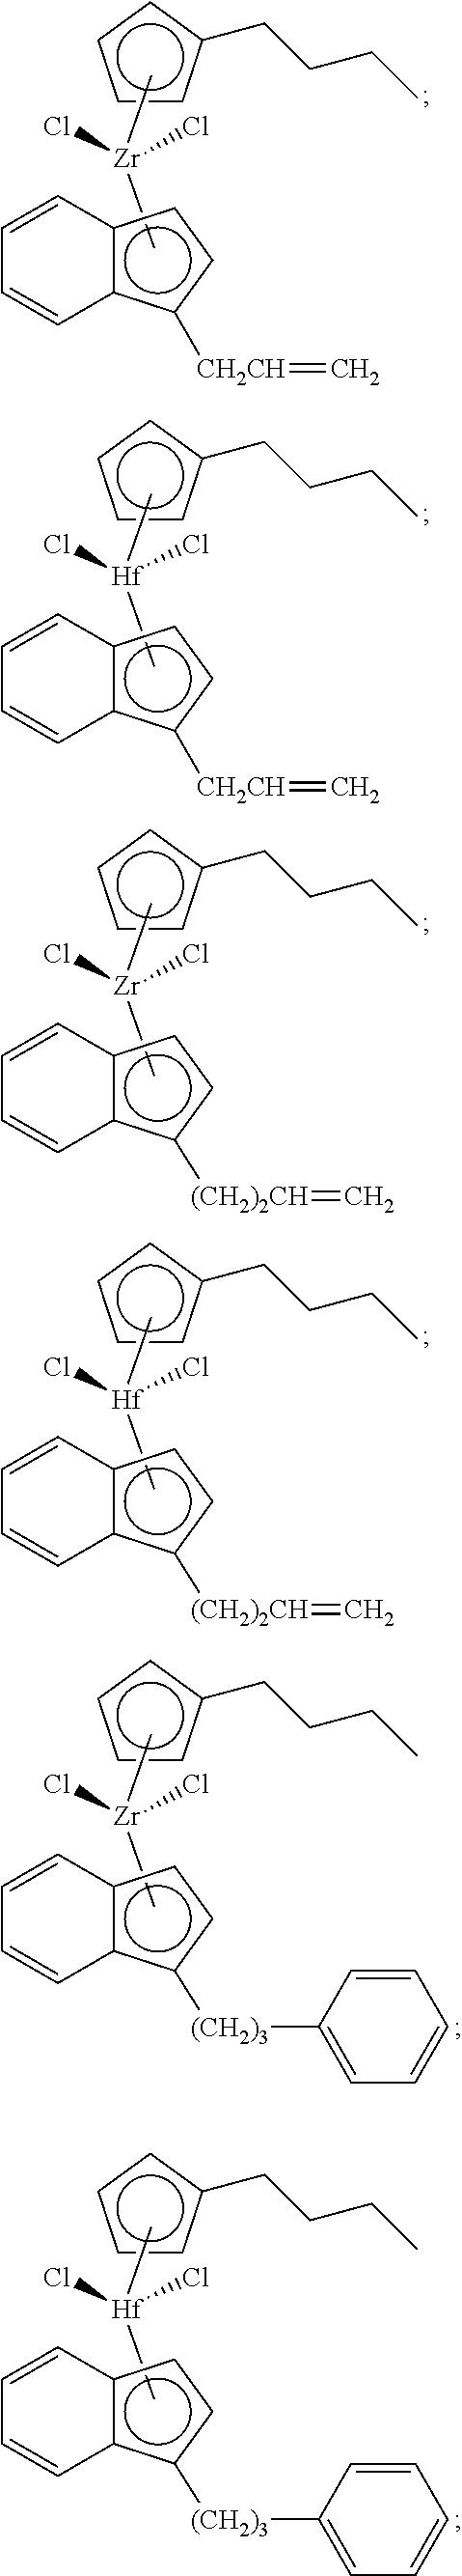 Figure US08318873-20121127-C00036